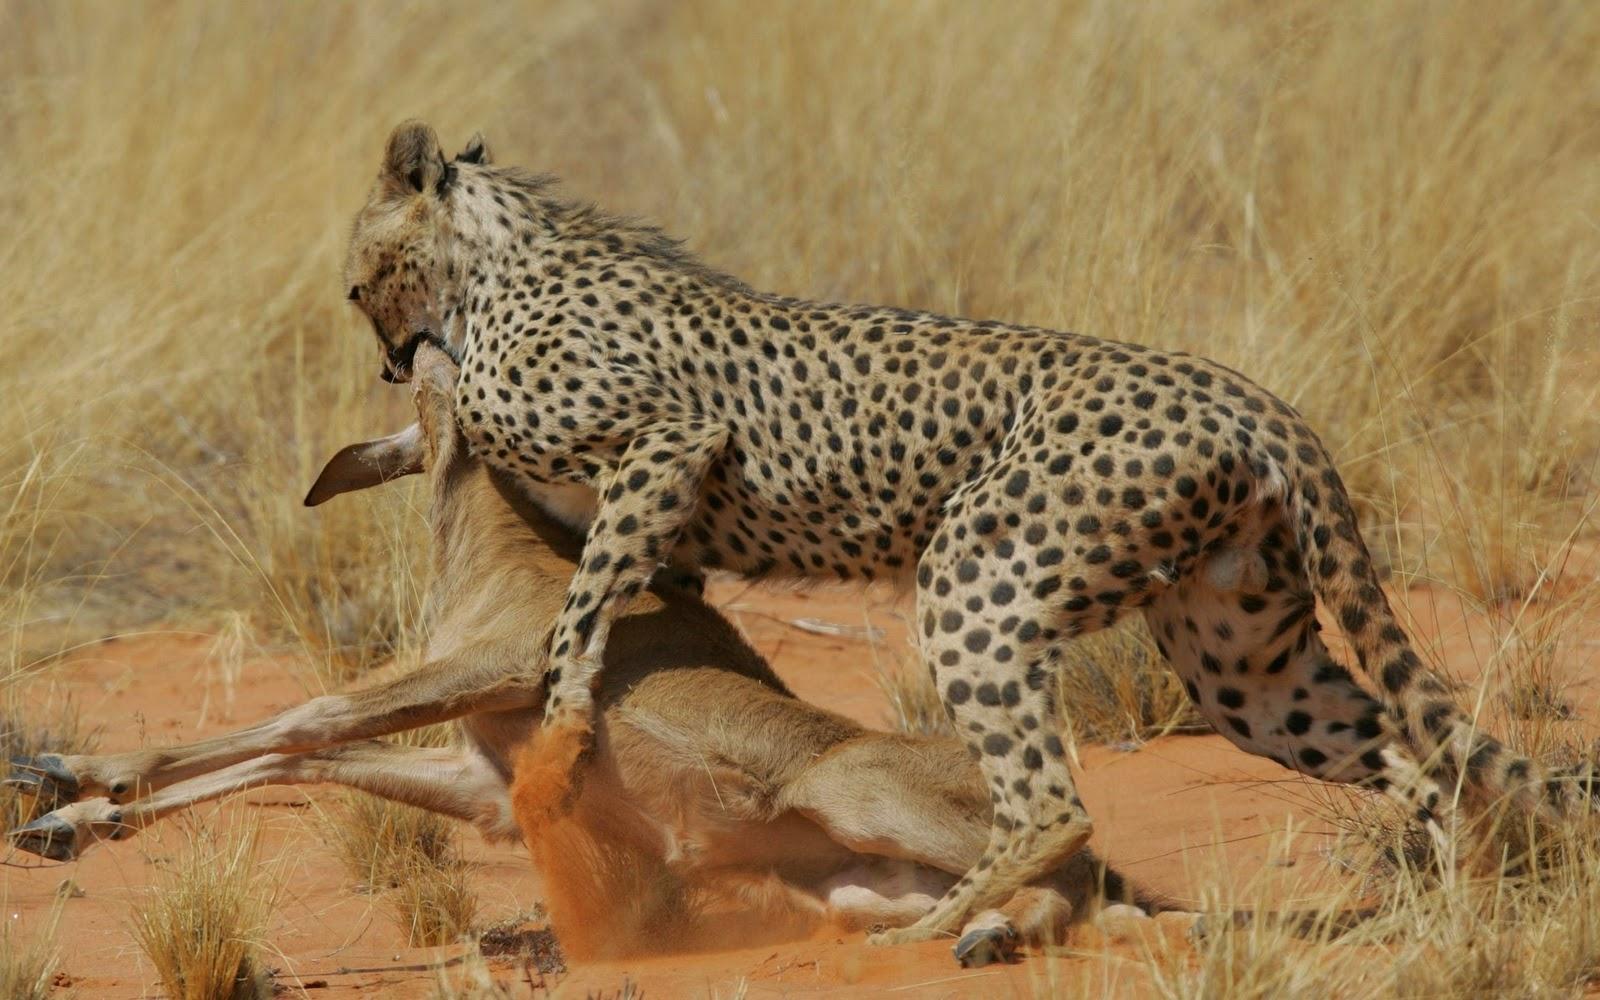 FotoFoto Singa Macan Harimau Cheetah di Alam Liar